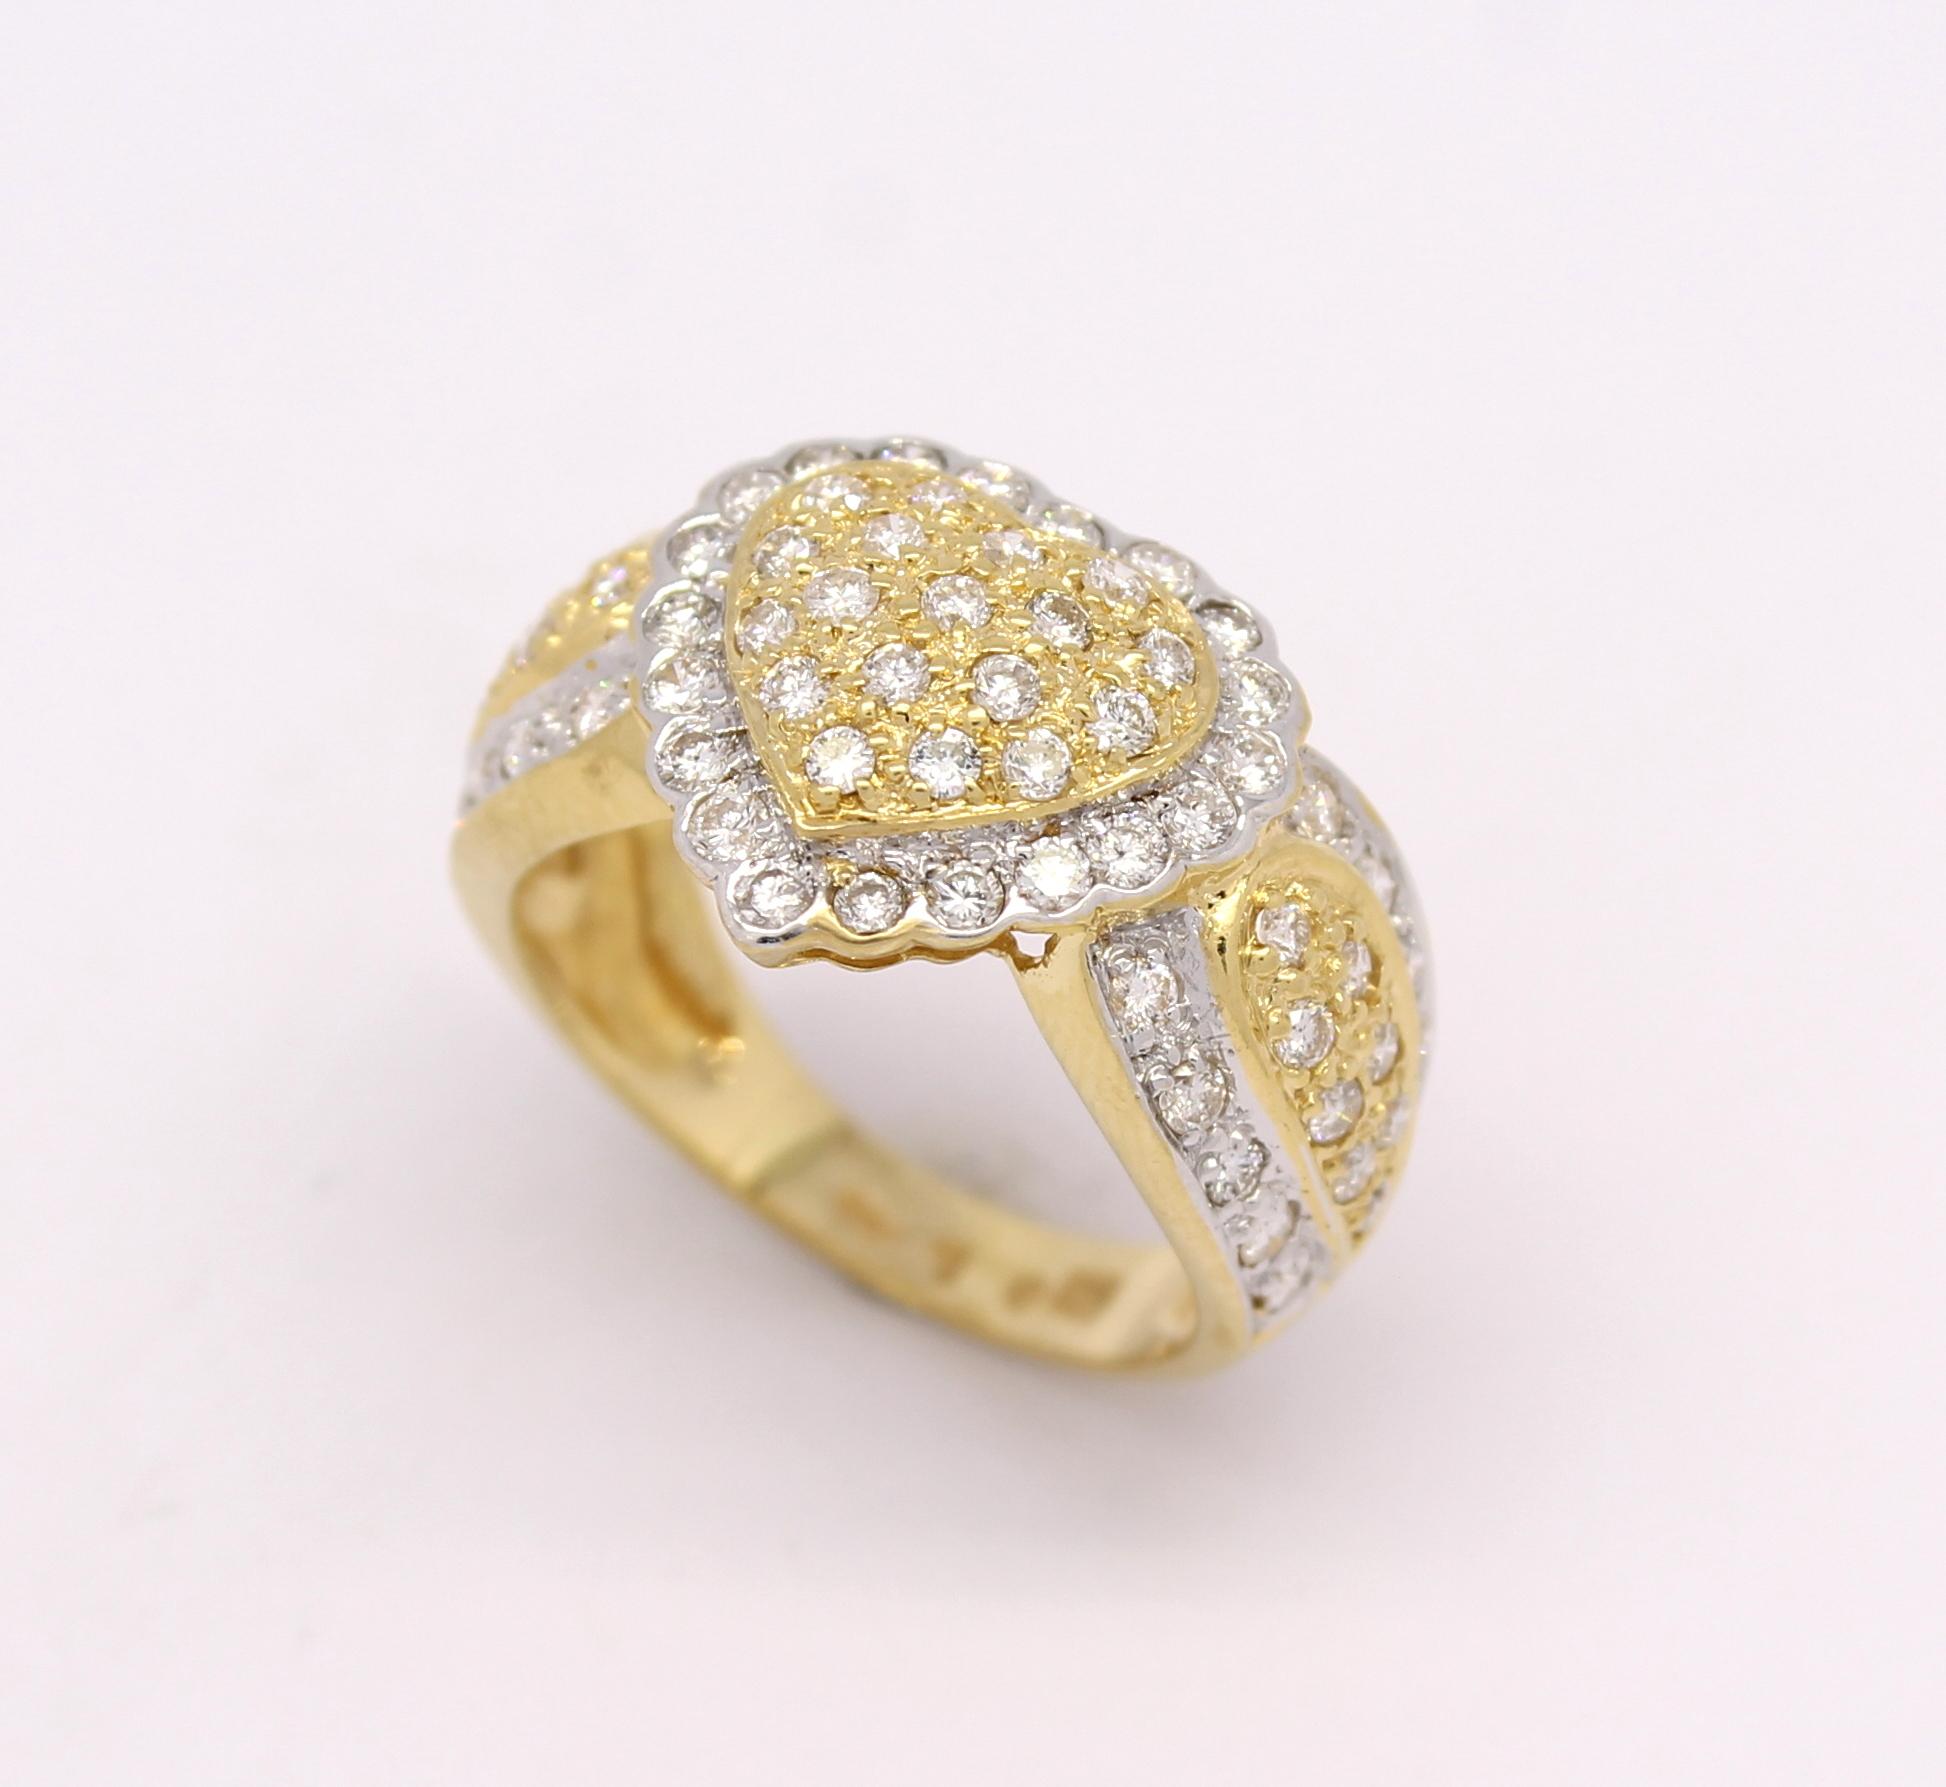 c5ee5402d25 Anel Coração Diamantes Ouro Amarelo e Ouro Branco 18k 750 - Marcio ...